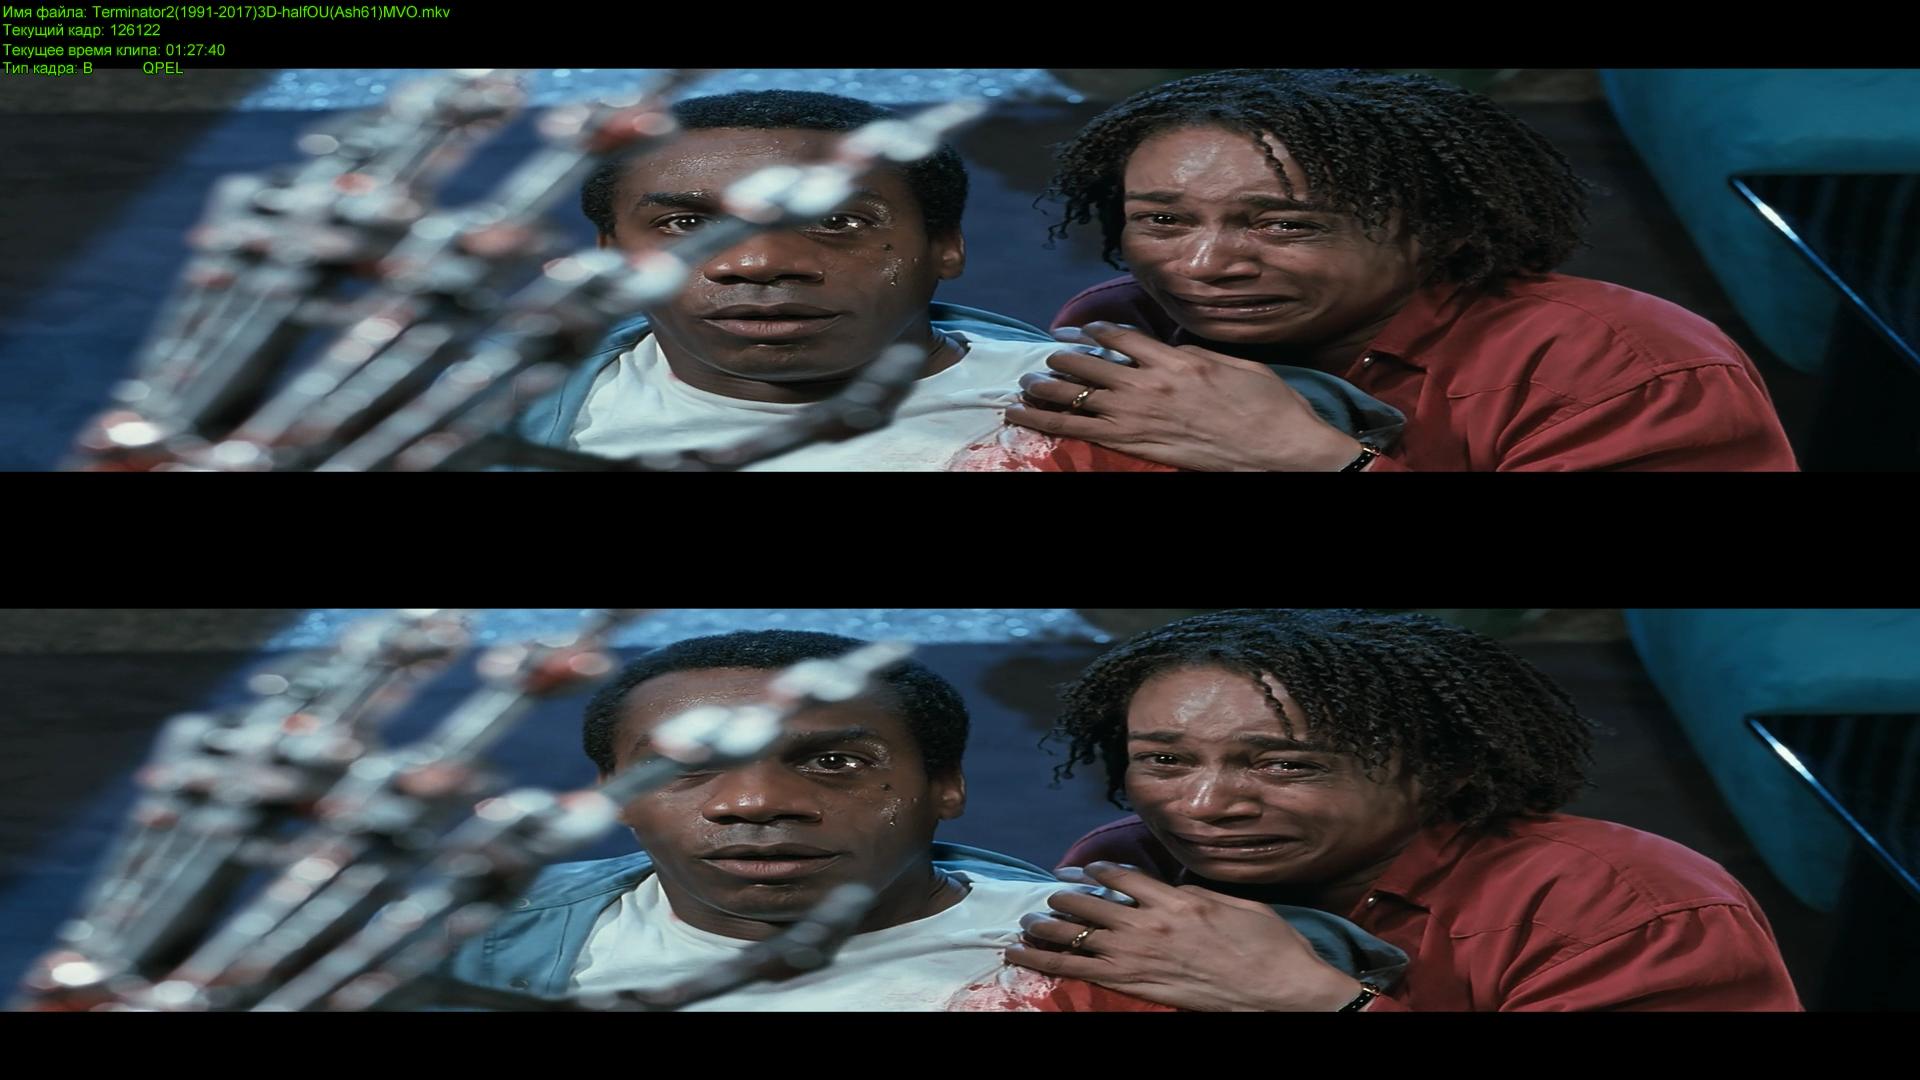 Терминатор 3 скачать торрент режиссерская версия.